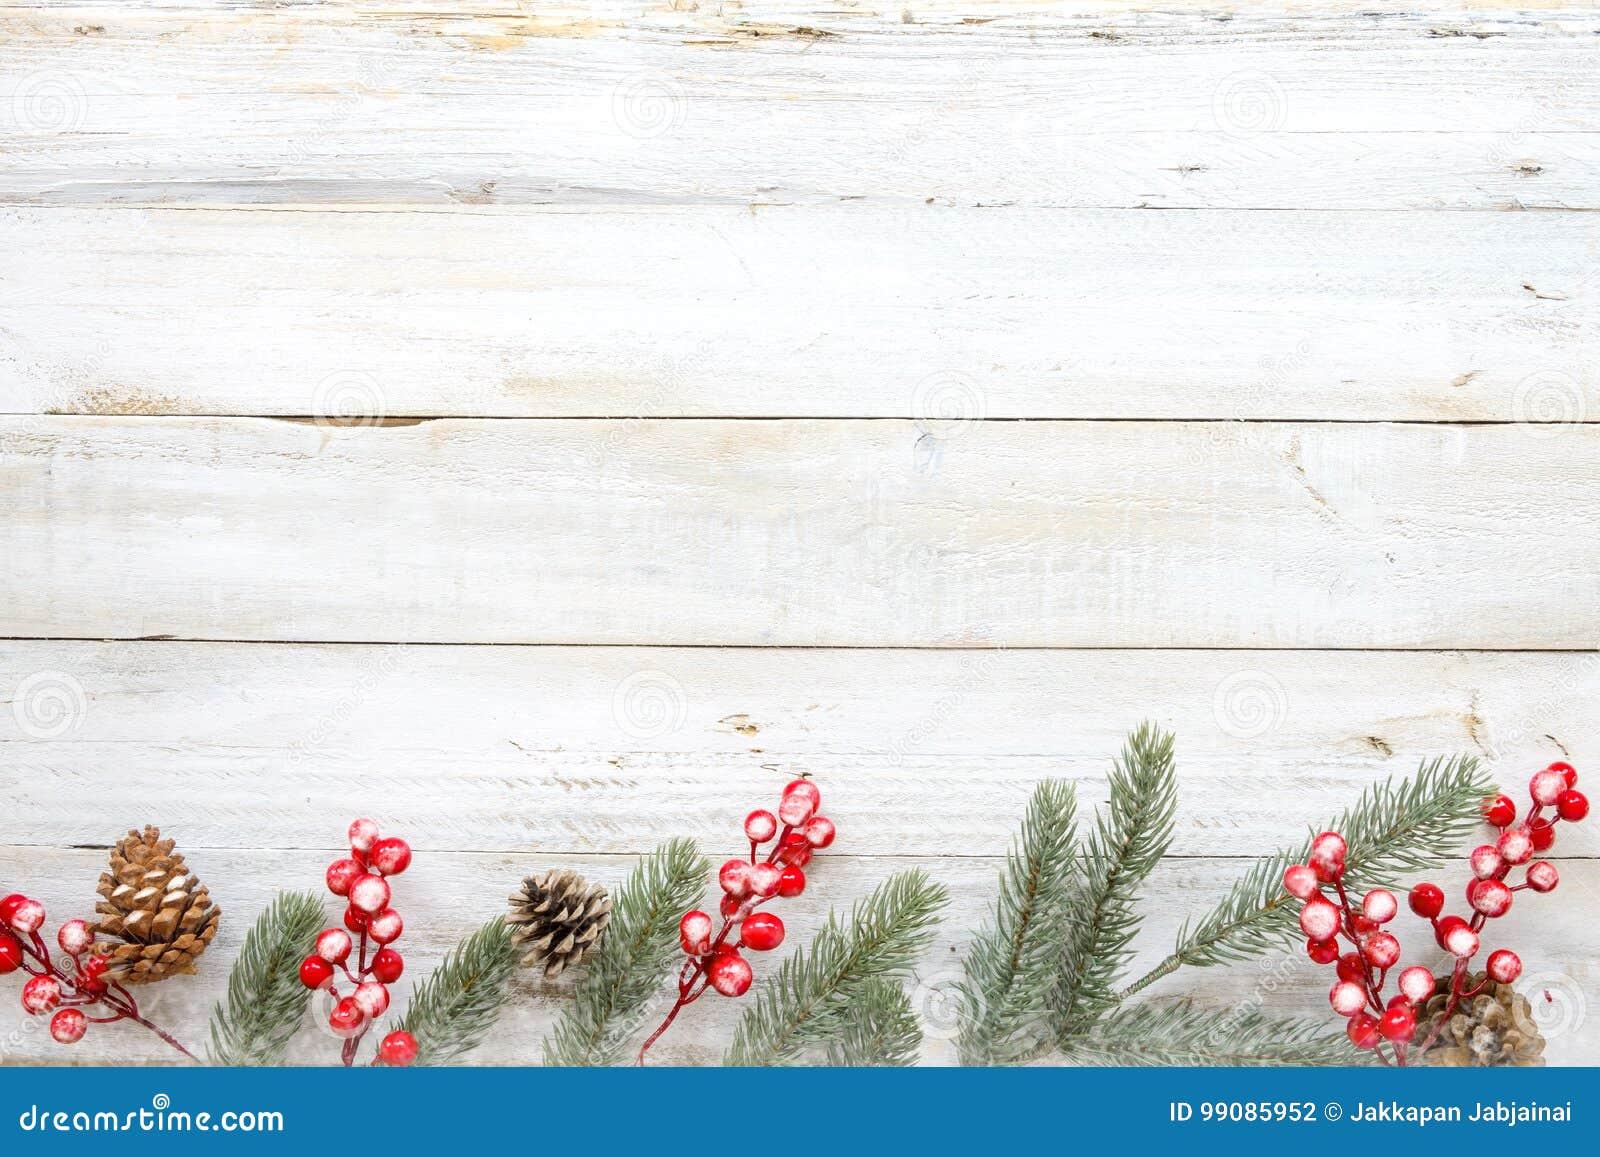 Weihnachten, Welches Die Elemente Und Verzierung Rustikal Auf Weißer ...